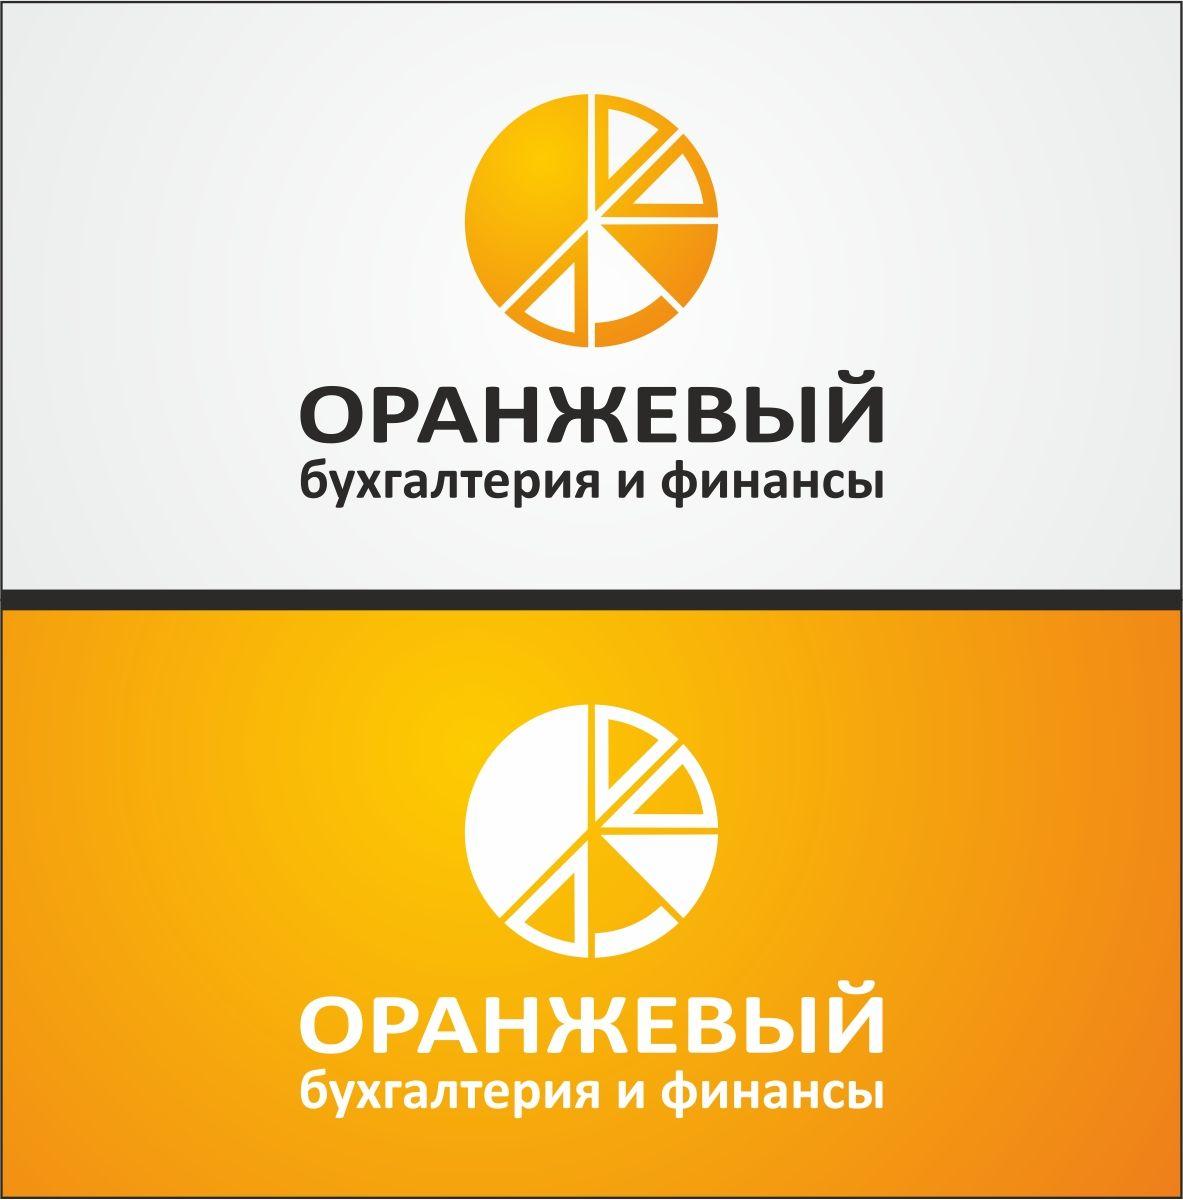 Логотип Финансовой Организации - дизайнер graphin4ik